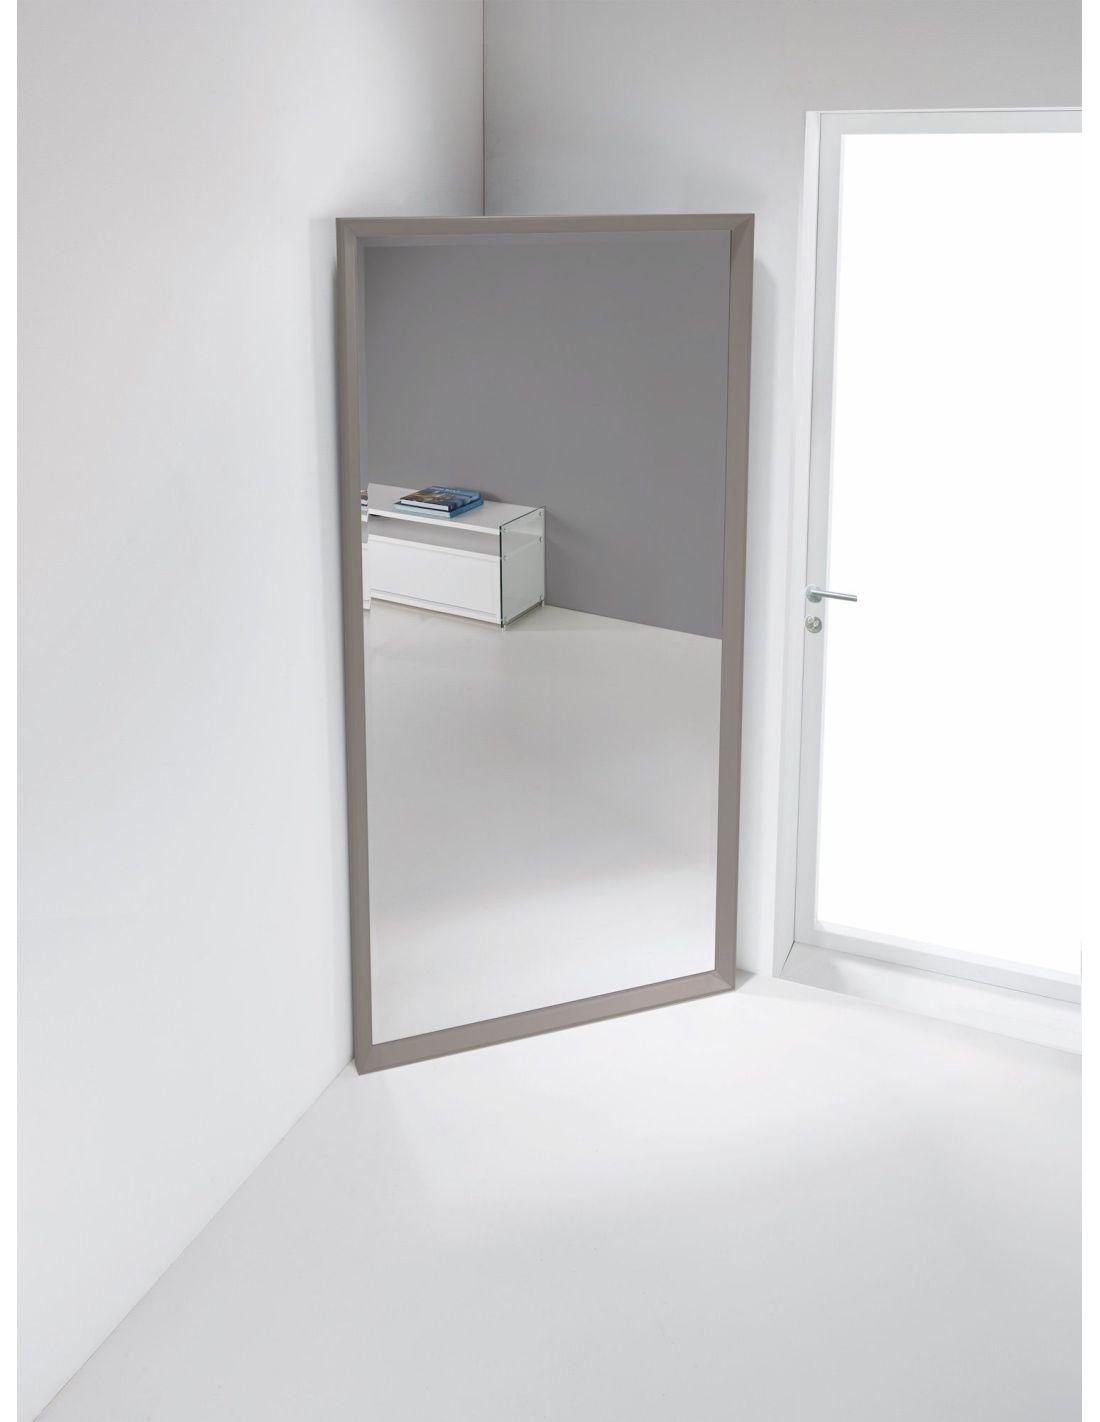 molle piano di sostegno Cornici in alluminio IMAGE con il vetro